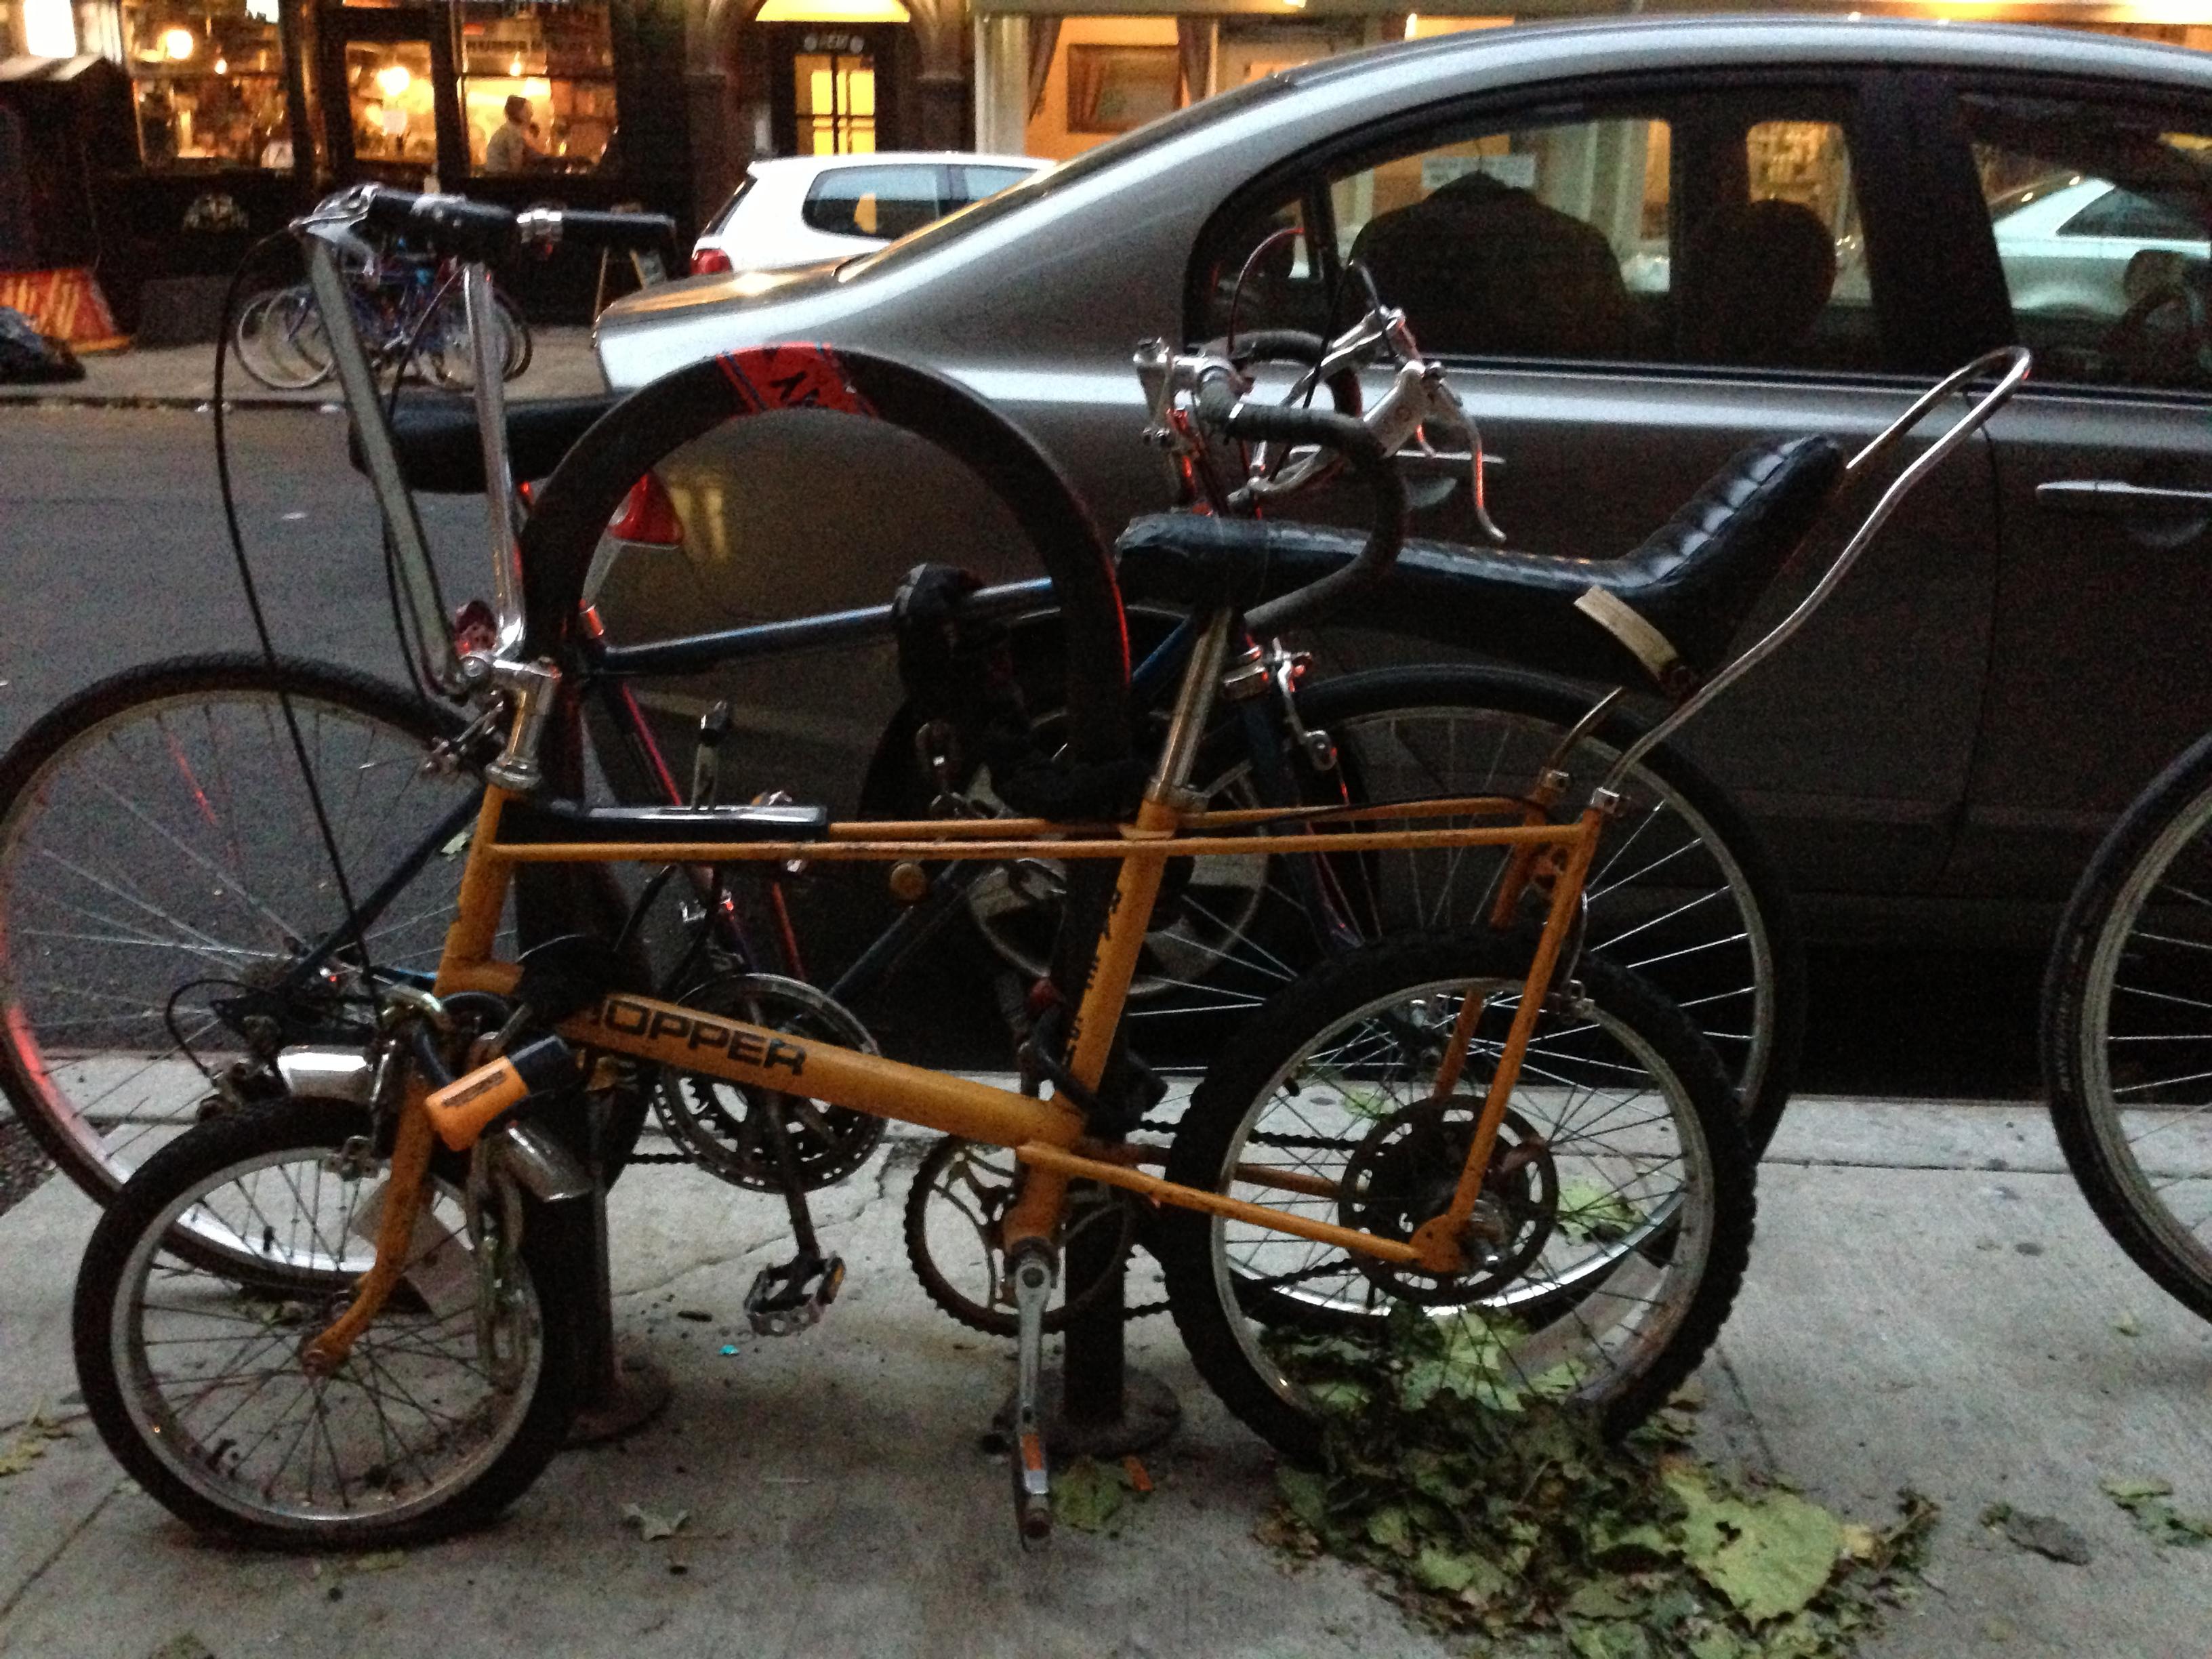 Bikes Can Work What Makes A Bike Useful